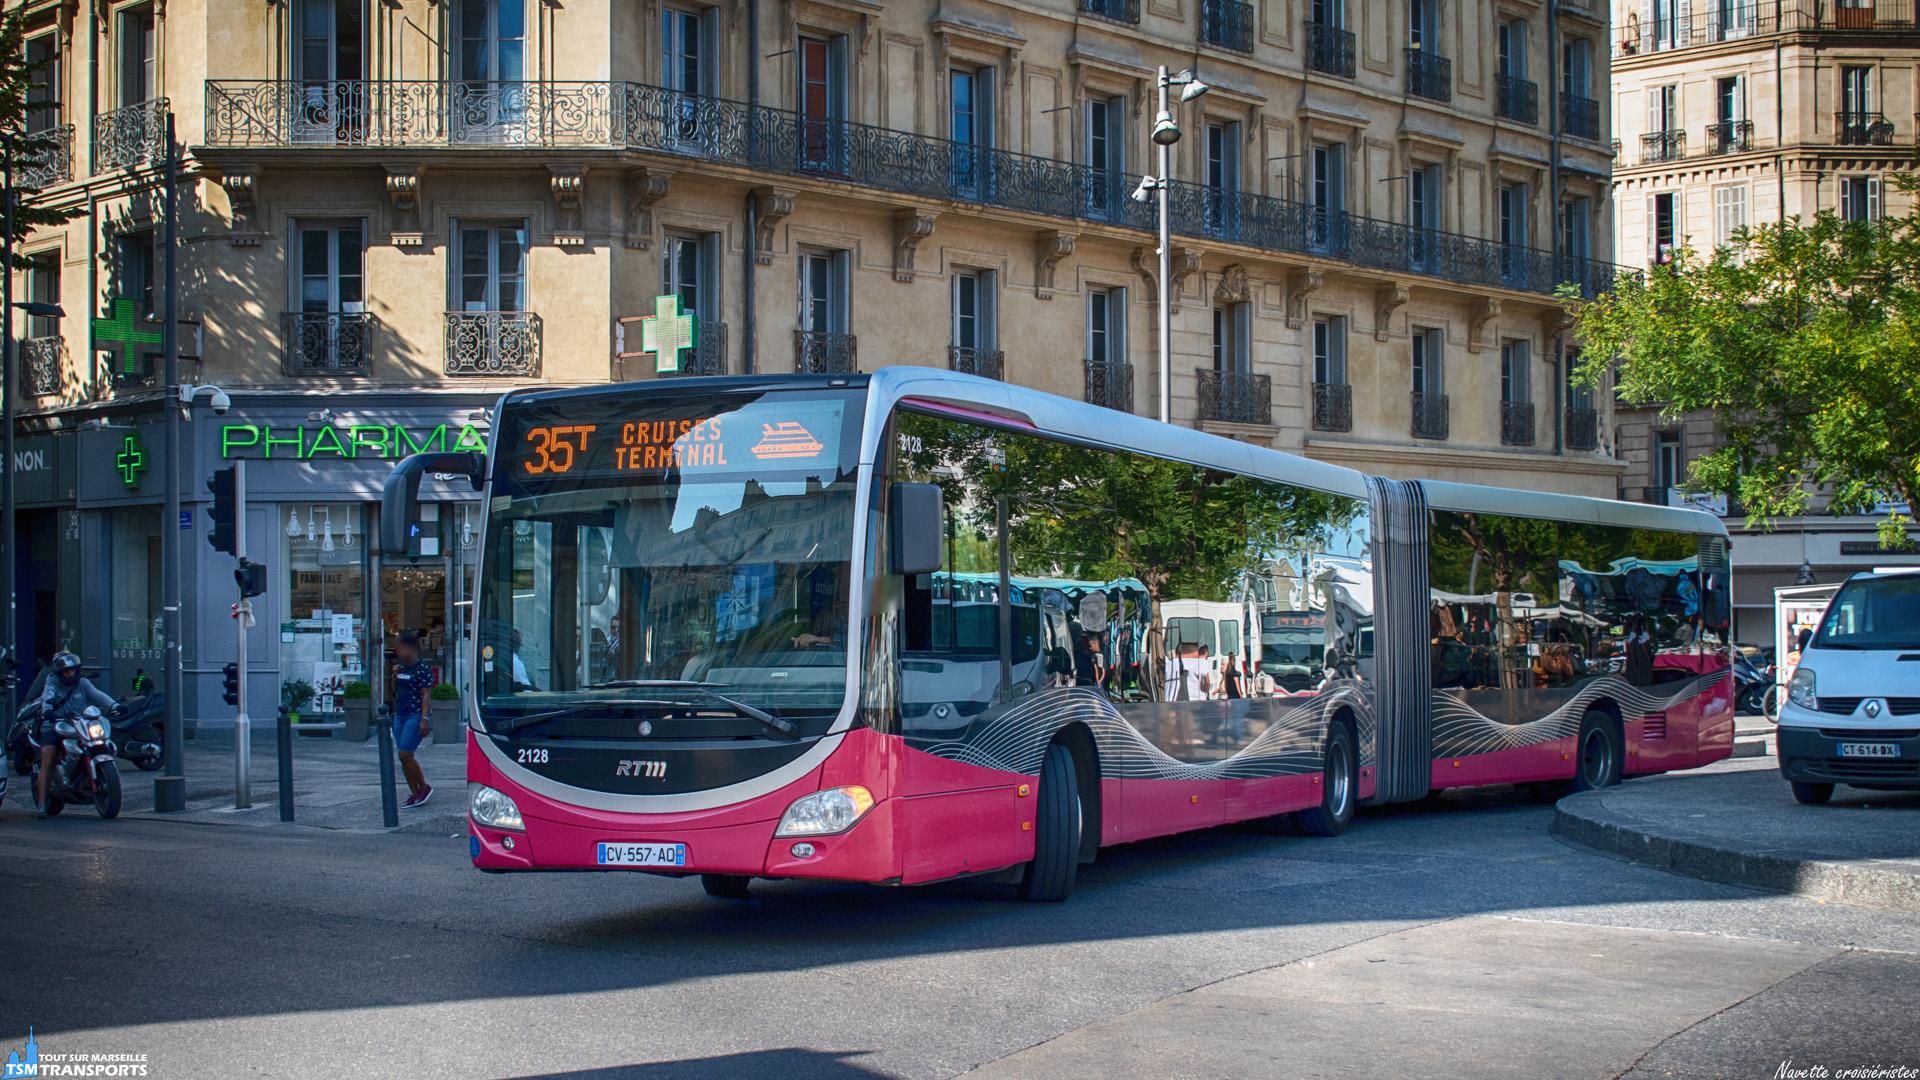 Spécialement créée pour les croisiéristes venant faire escale à Marseille, la ligne 35T relie le terminal croisière à la Joliette où les touristes peuvent rejoindre facilement le centre ville et découvrir la ville aux 111 quartiers via le métro par exemple, adaptée aux horaires d'arrivé des navires, elle offre un service avec une fréquence d'environ 20 minutes. . Ici ce Citaro articulé effectue le tour de la Place de la Joliette afin de s'élancer vers le port. . ℹ️ Mercedes Benz Citaro 2 G Euro 5 BHNS n°2128 RTM. . 📍 Place de la Joliette, 2eme arrondissement de Marseille. . ↔️ 35T : Joliette - Terminal croisières. . 📸 Nikon D5600. . 📷 Nikkor 18-55mm. . 📅 6 Septembre 2019 à 10:40.